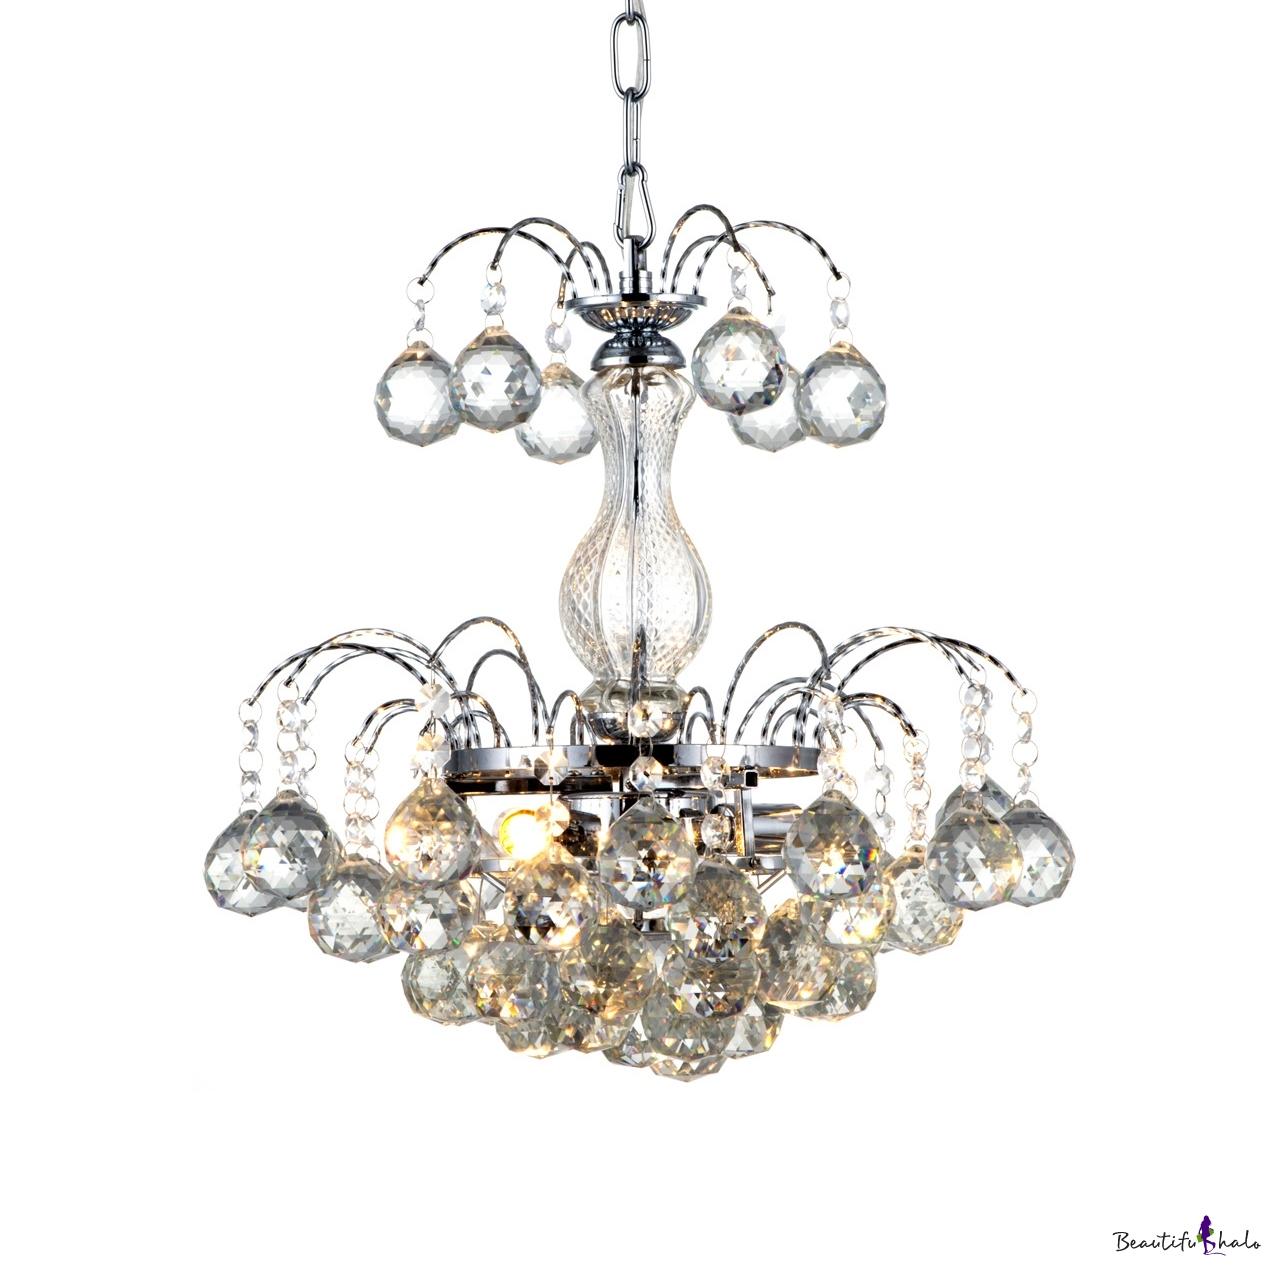 3 Lights Hanging Chandelier Modern Adjustable Clear Crystal Pendant Lighting Polished Chrome